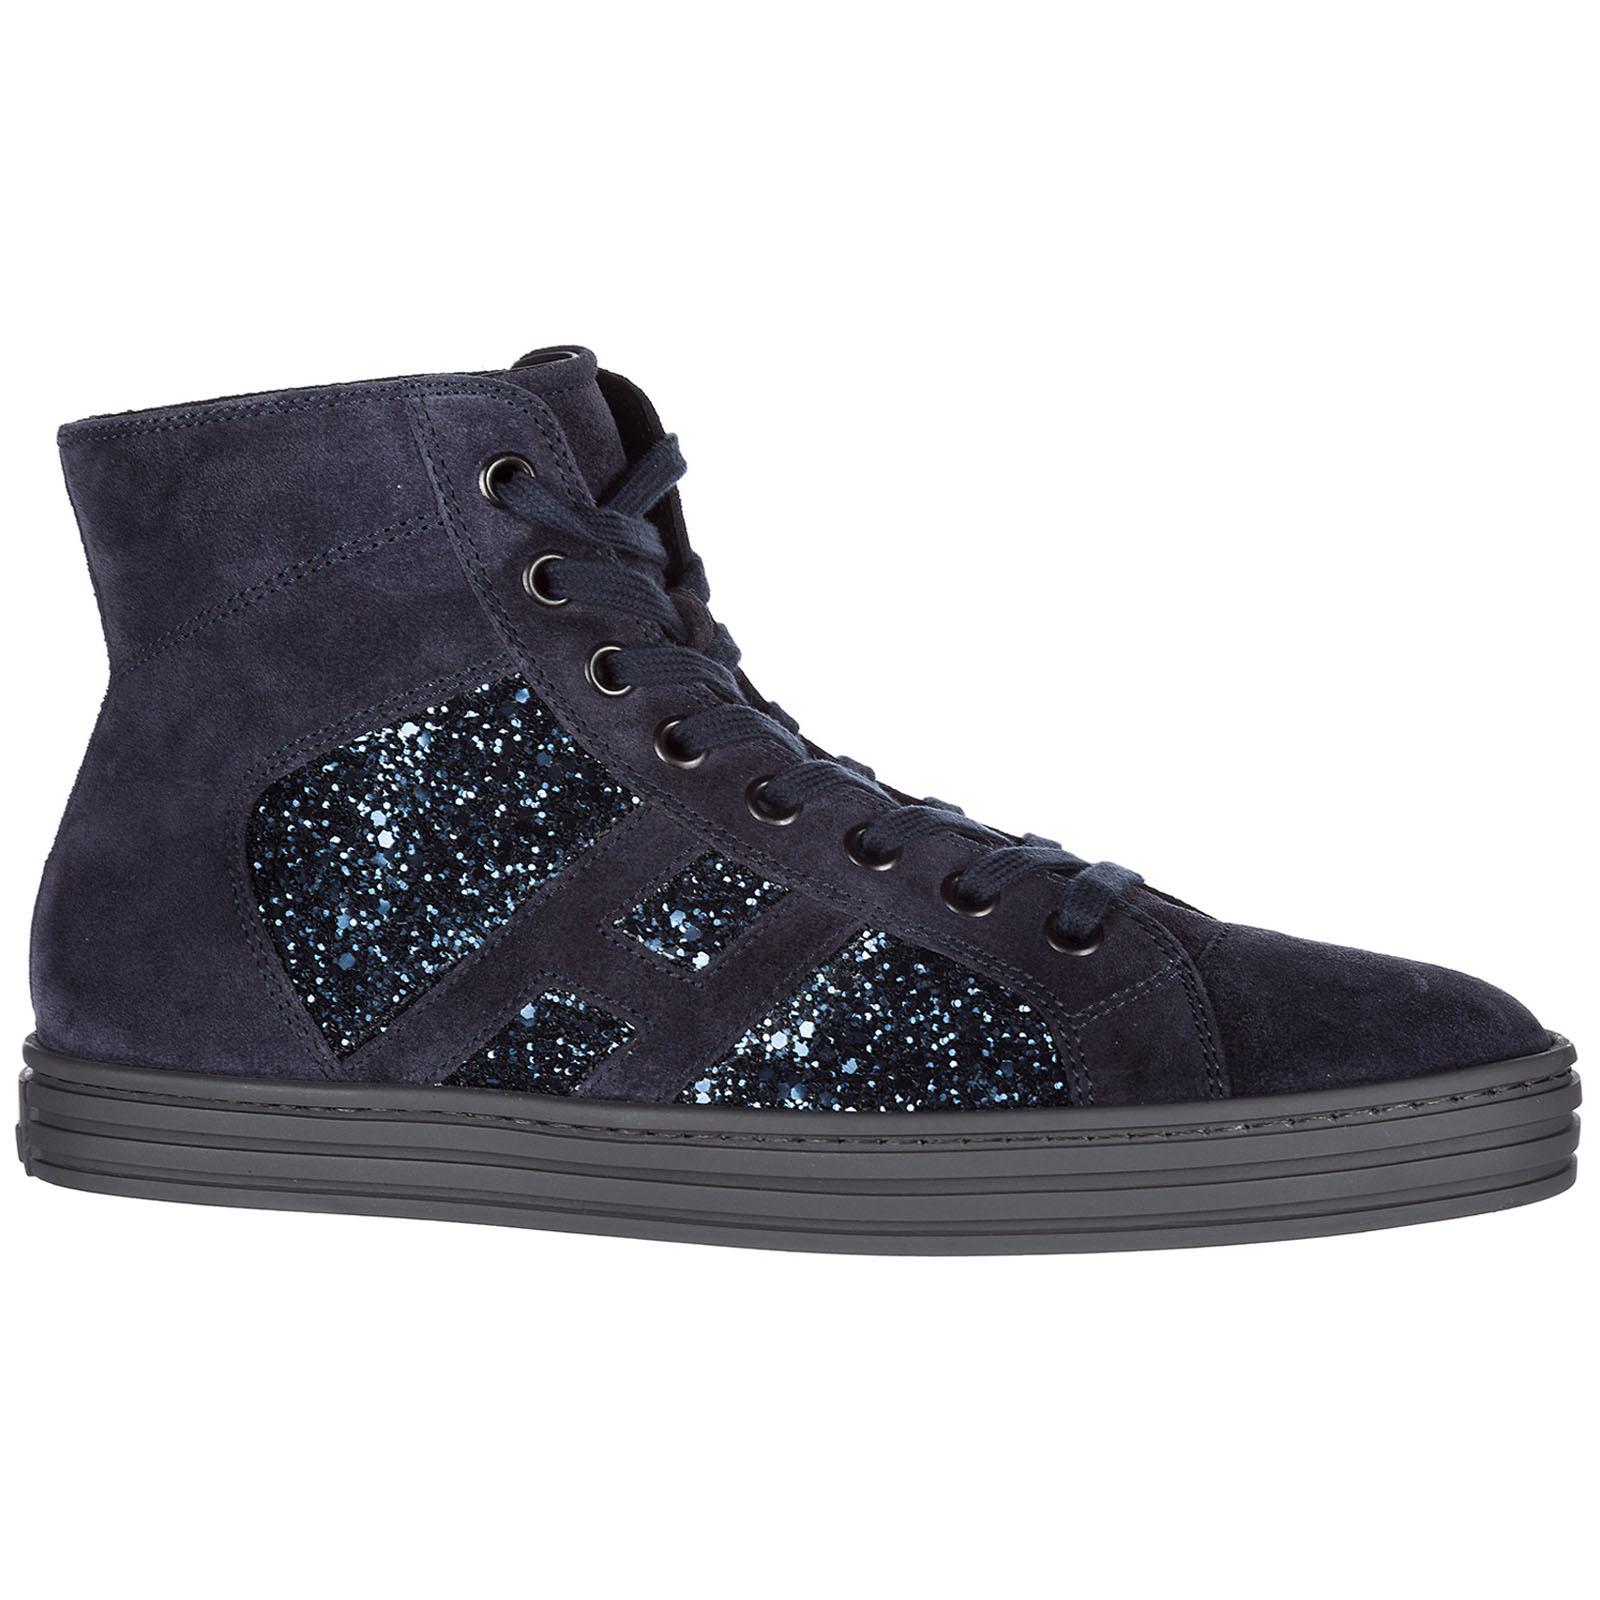 Chaussures enfant baskets hautes sneakers filles en daim r141